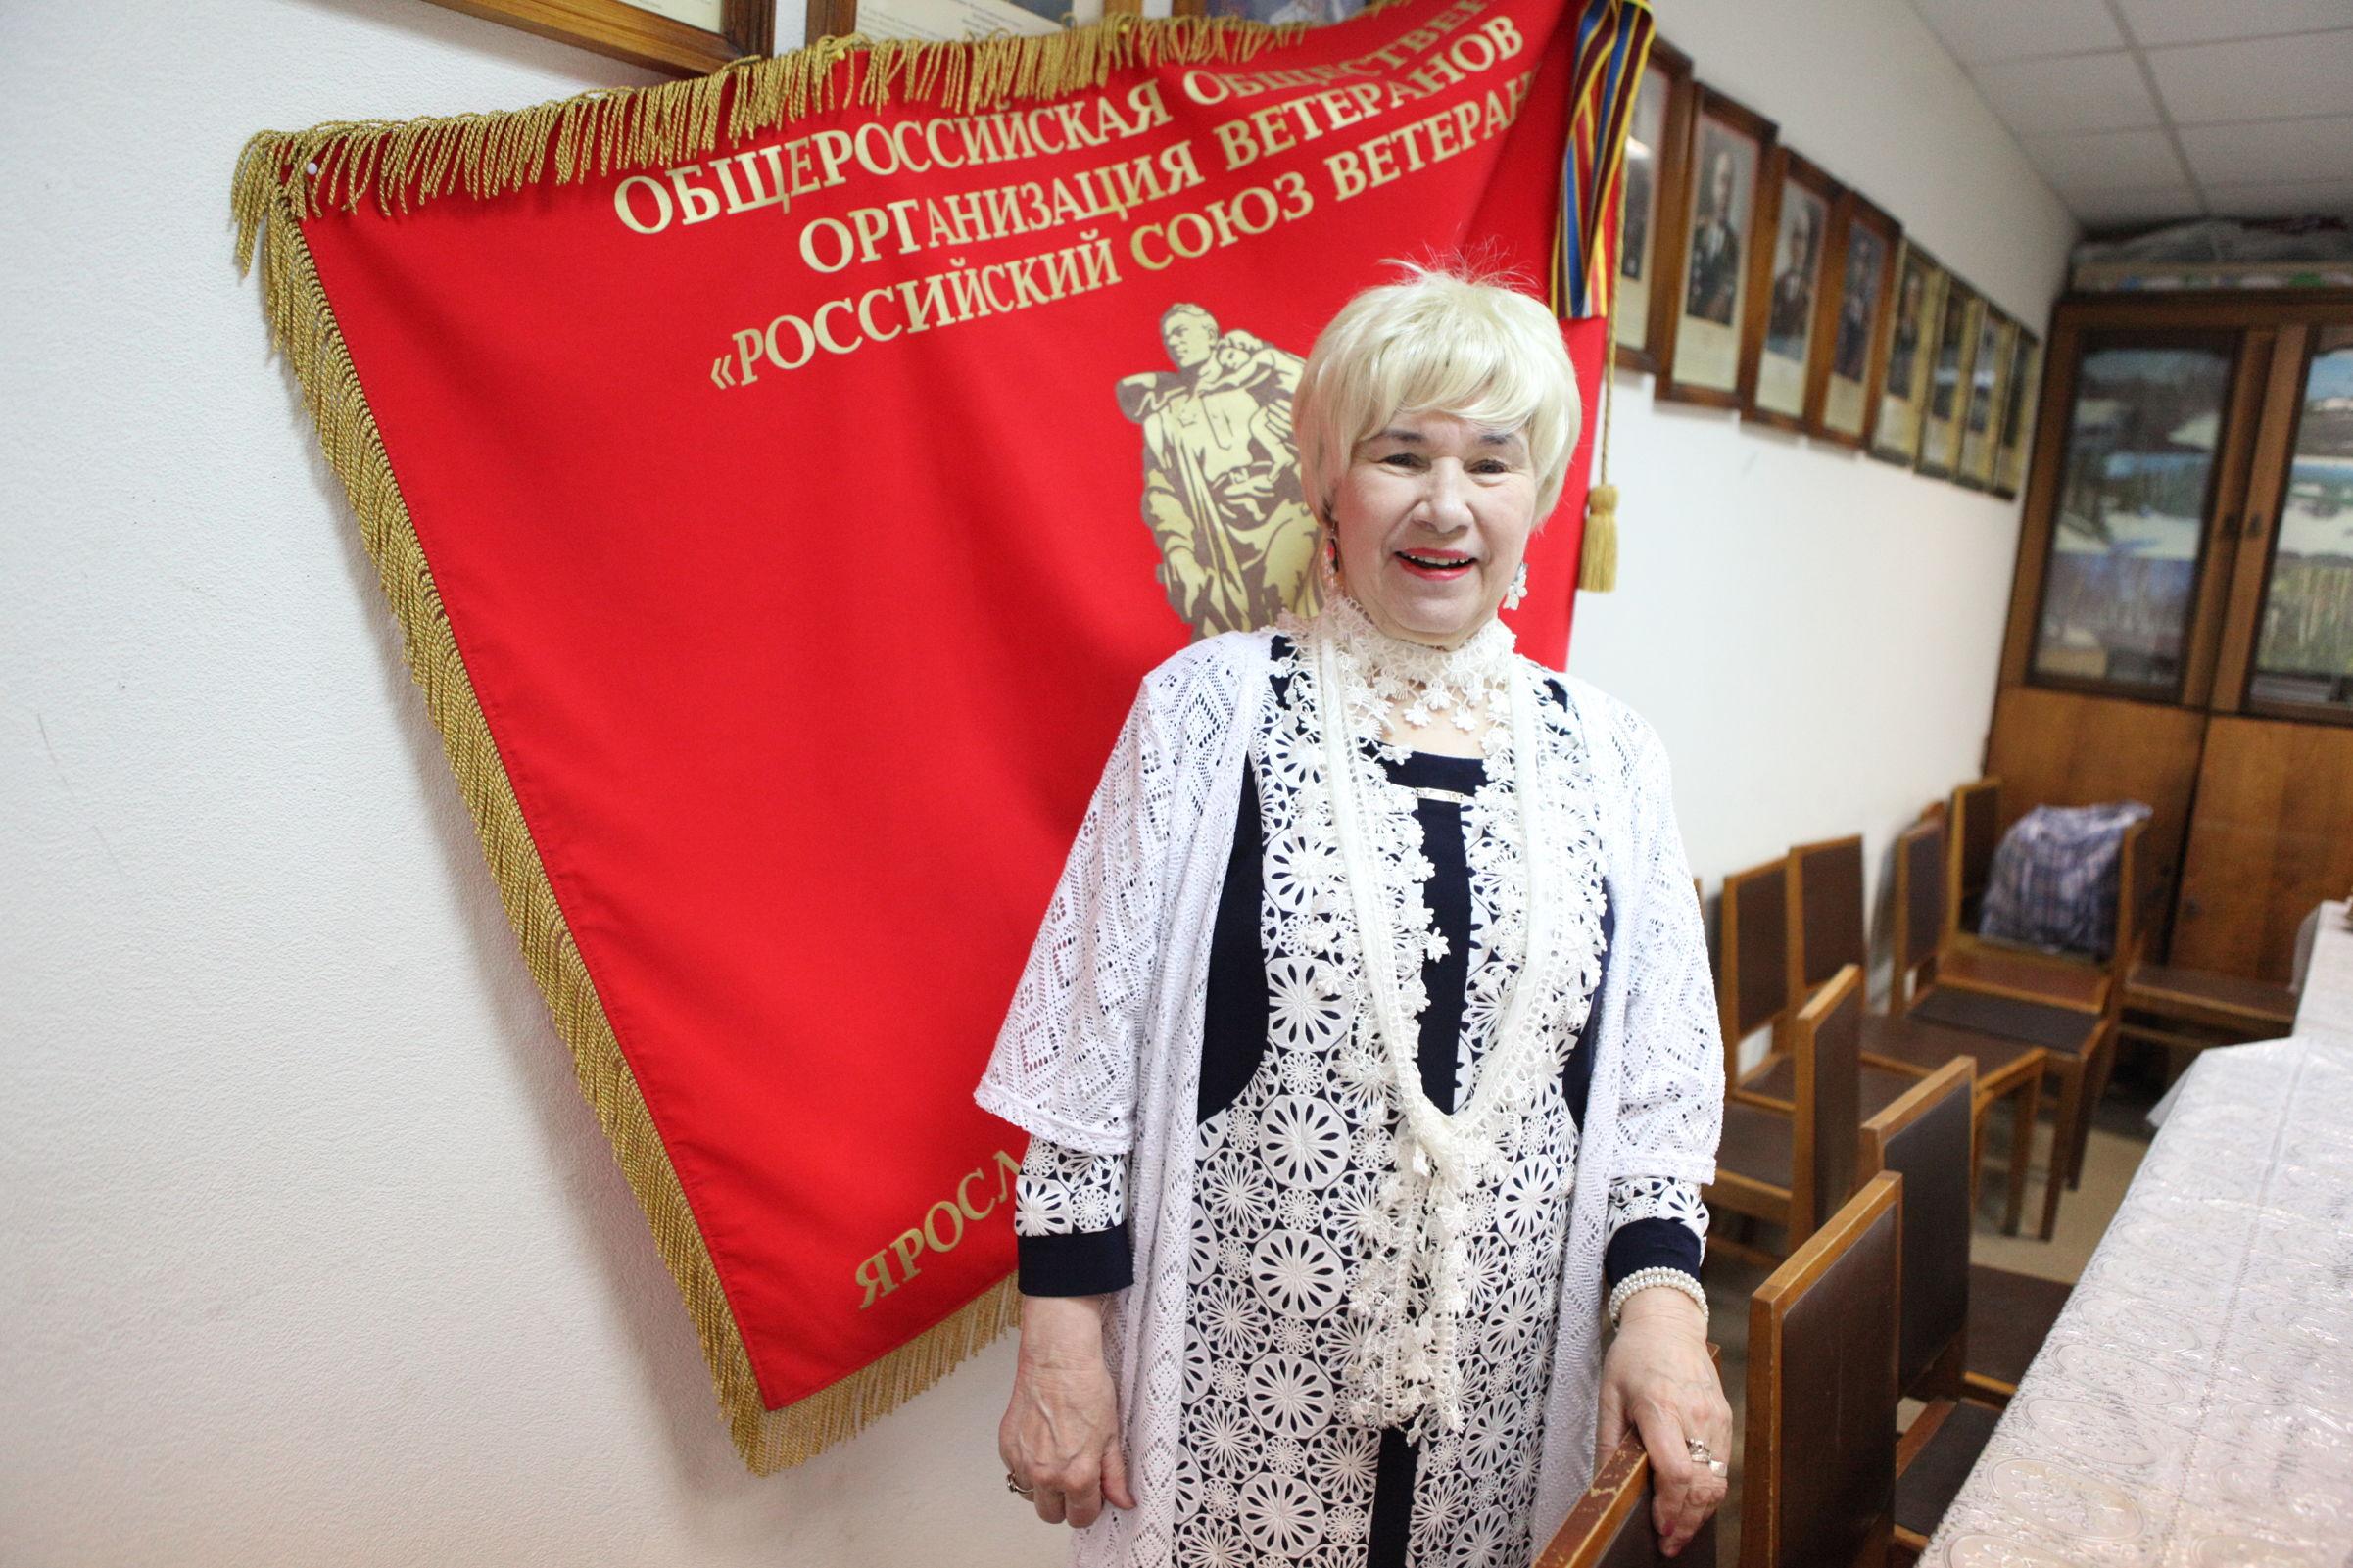 Всегда в строю: 85-летняя ярославна руководит полковниками в отставке